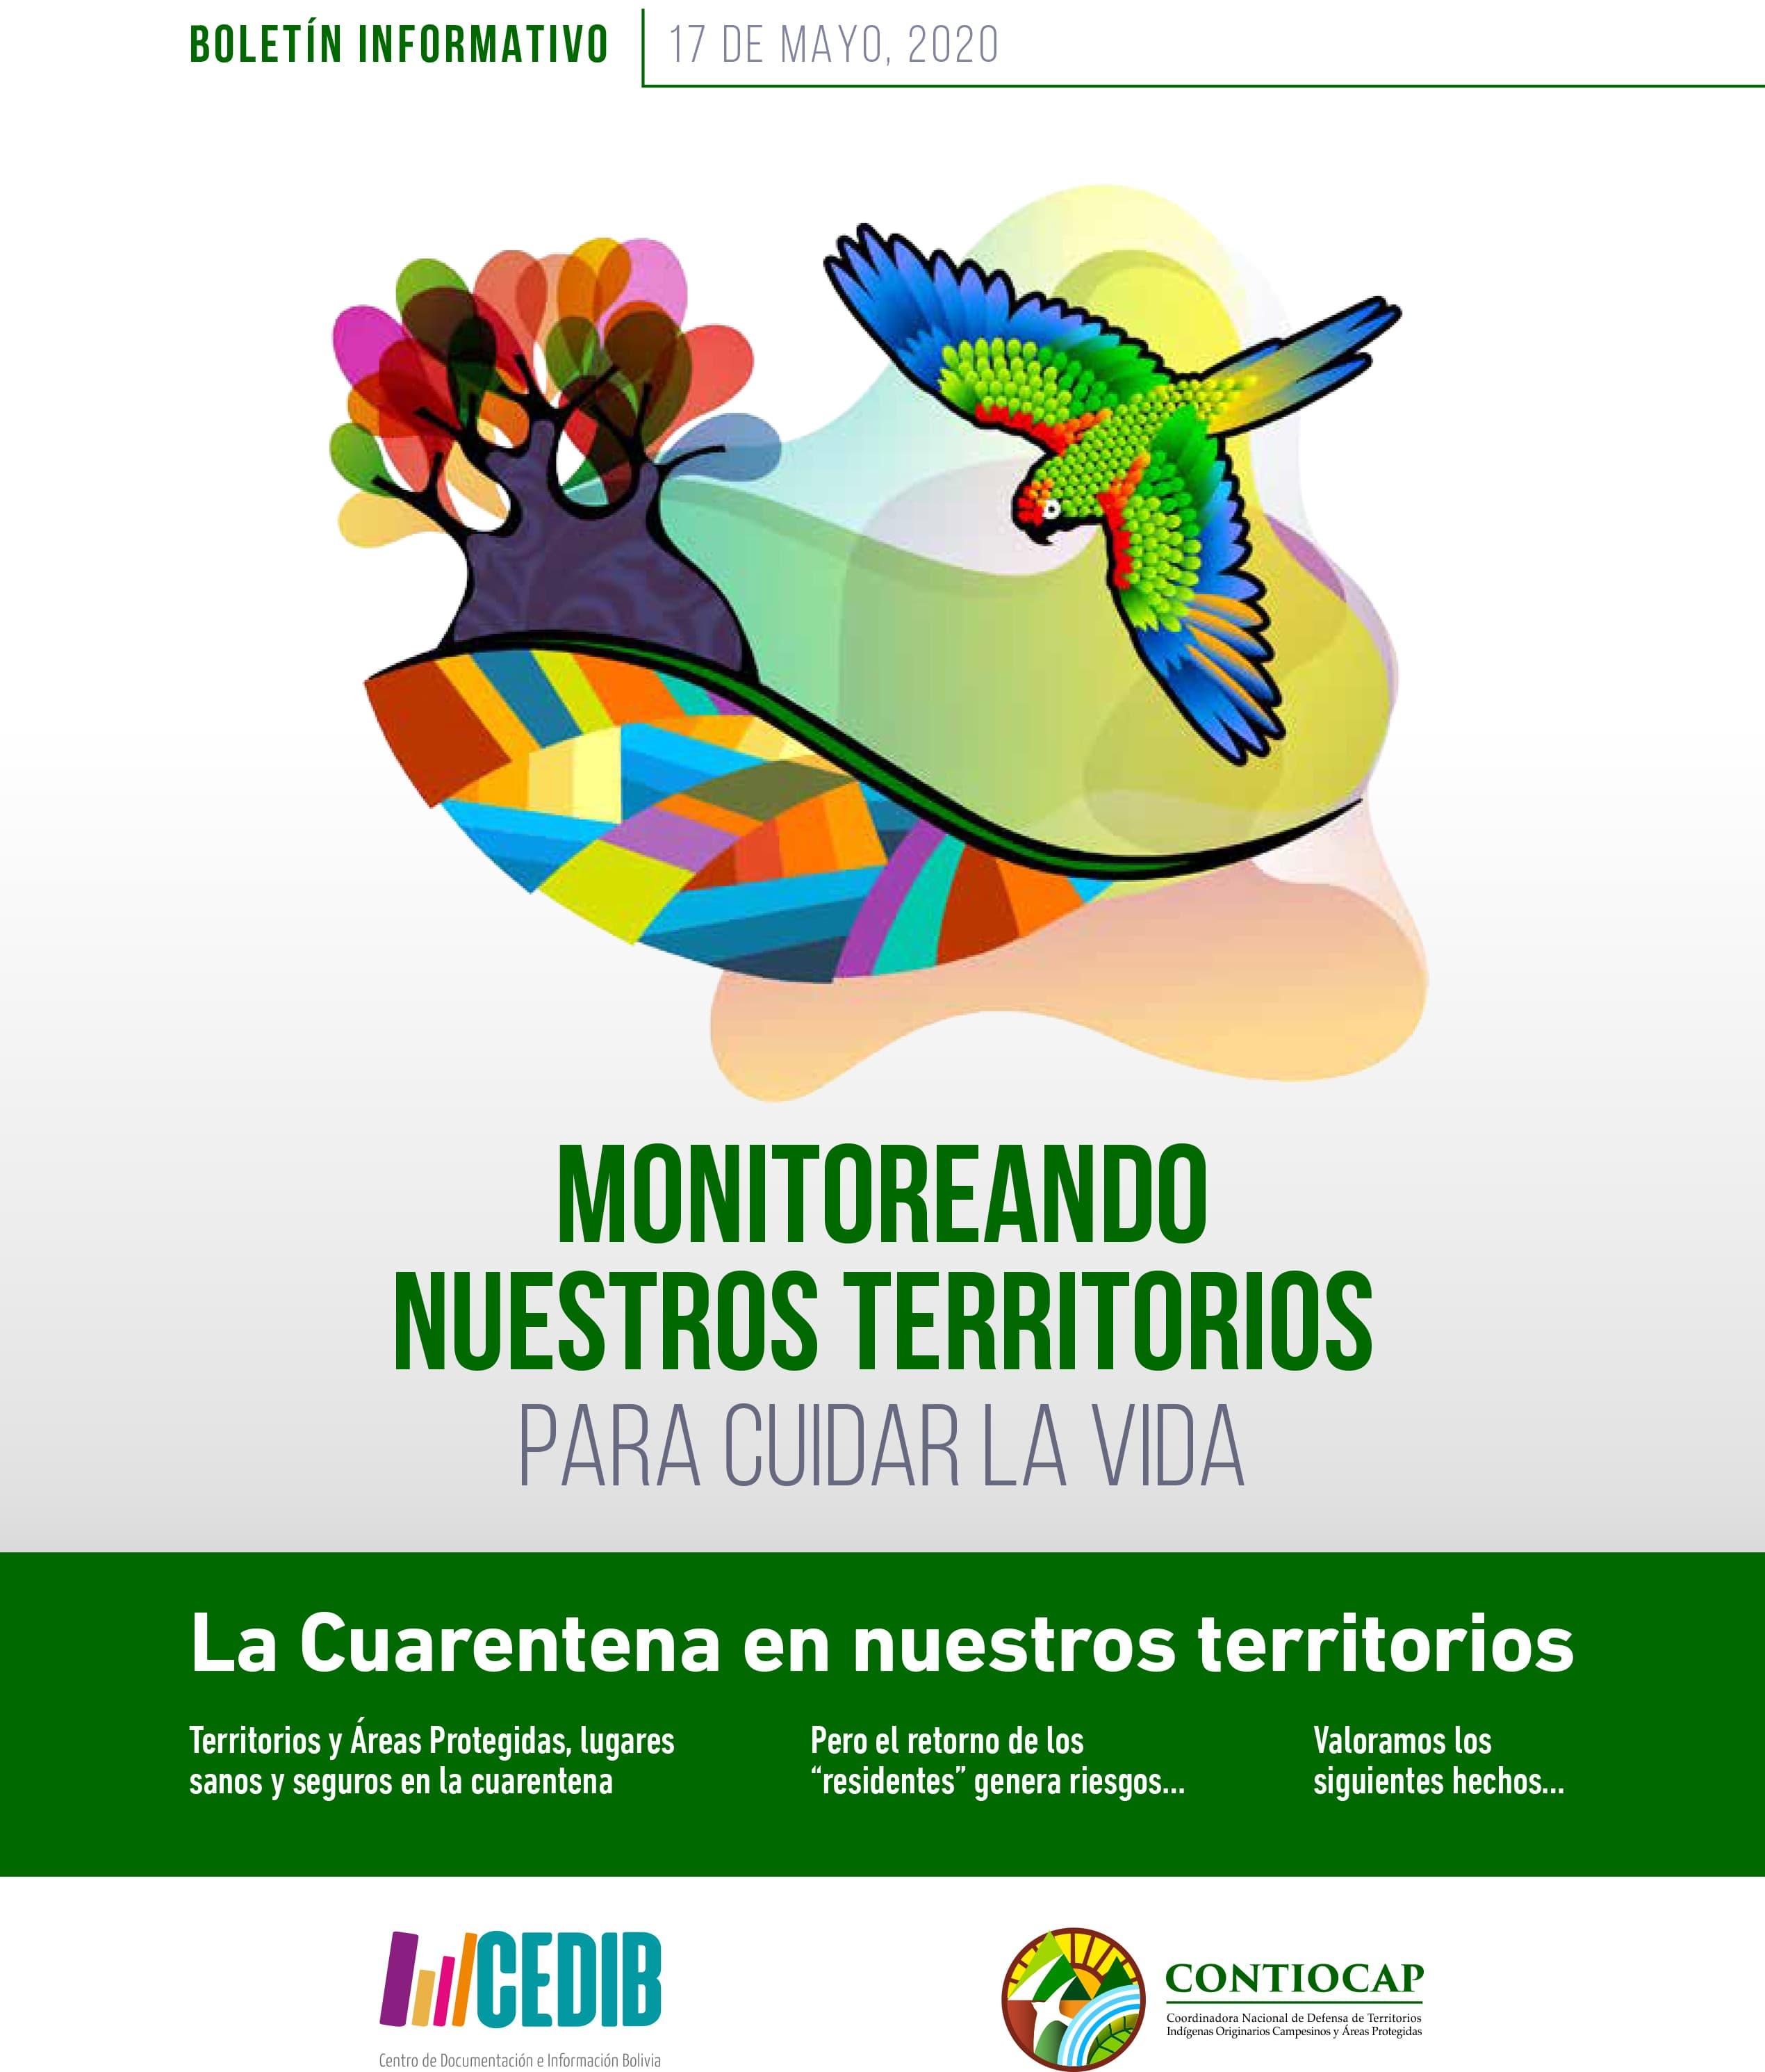 Monitoreando nuestros territorios para cuidar la vida – Boletín CONTIOCAP #1